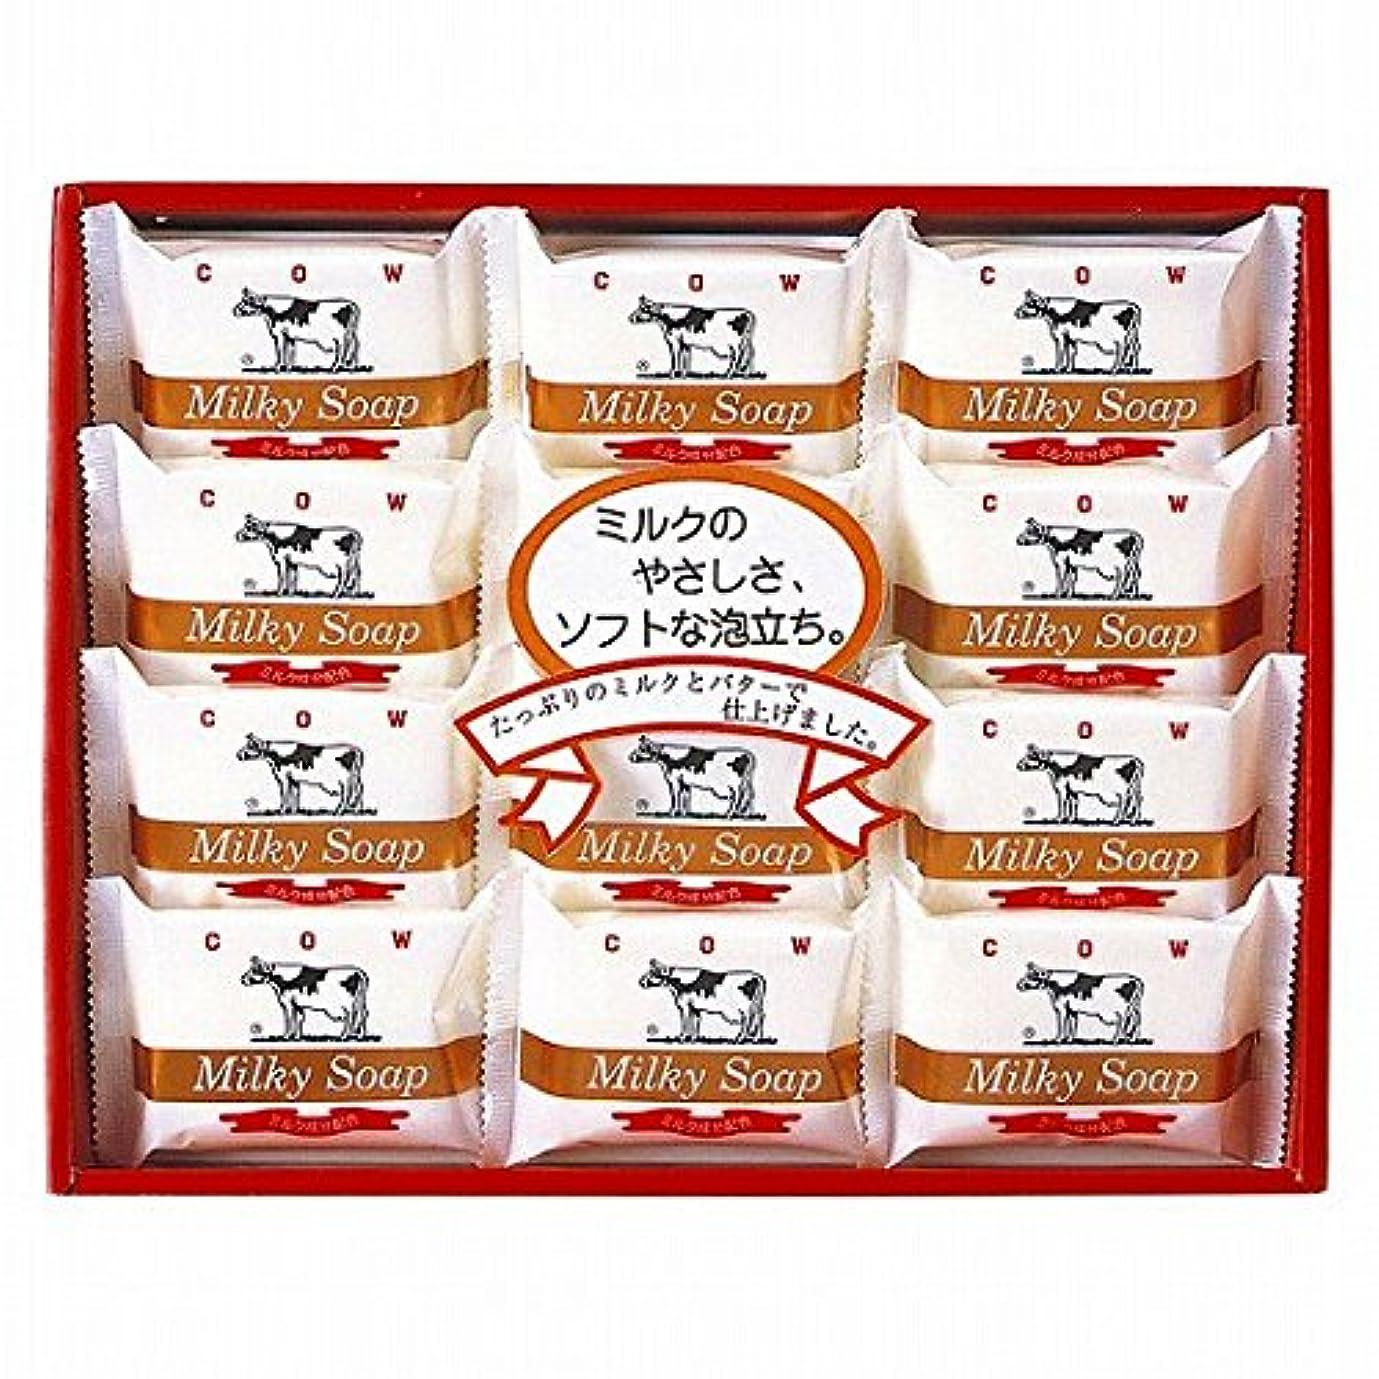 遵守する委任する石油nobrand 牛乳石鹸 ゴールドソープセット (21940005)